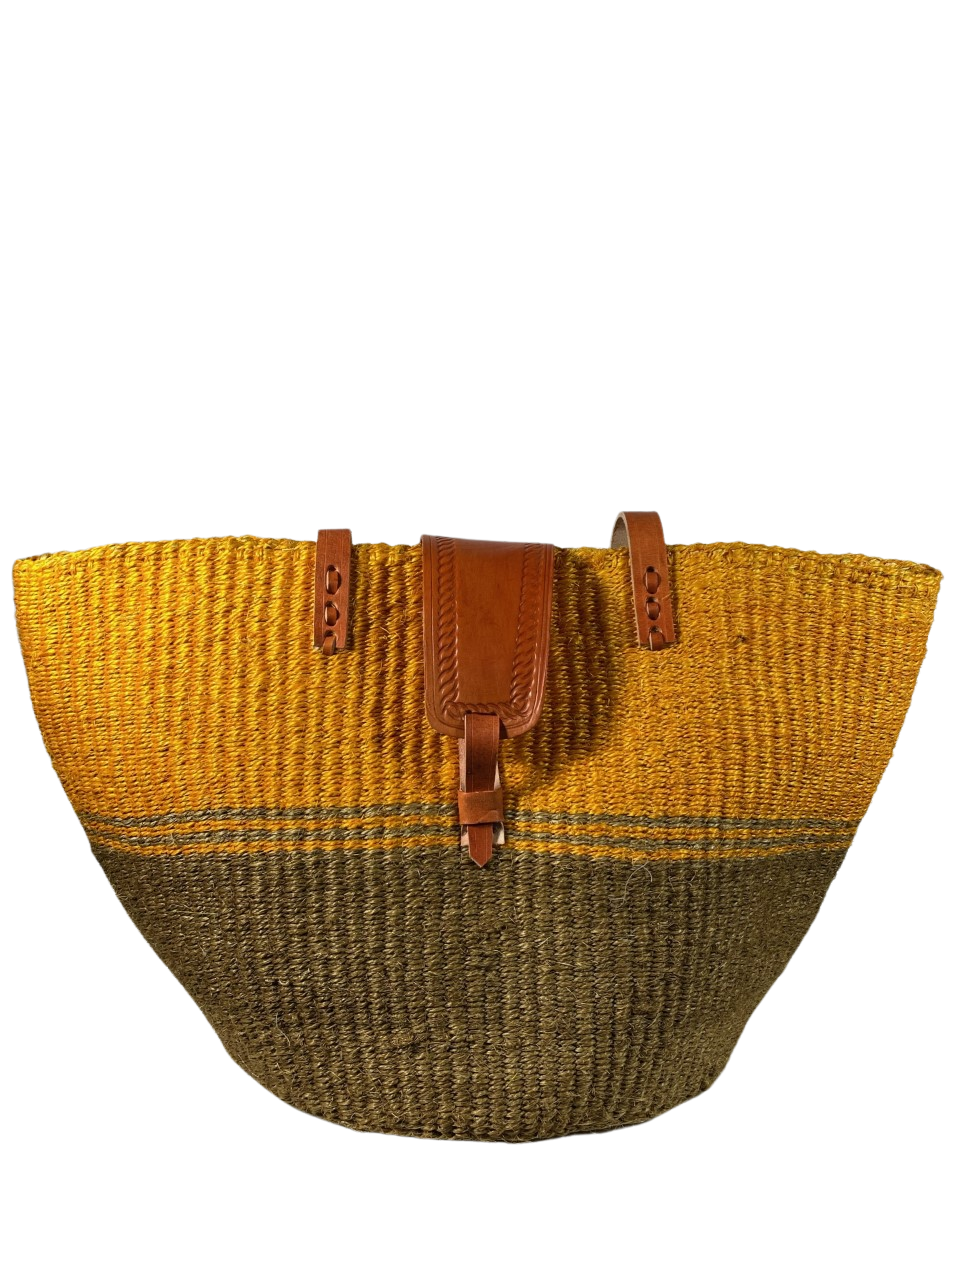 Mango And Beige Tote Bag